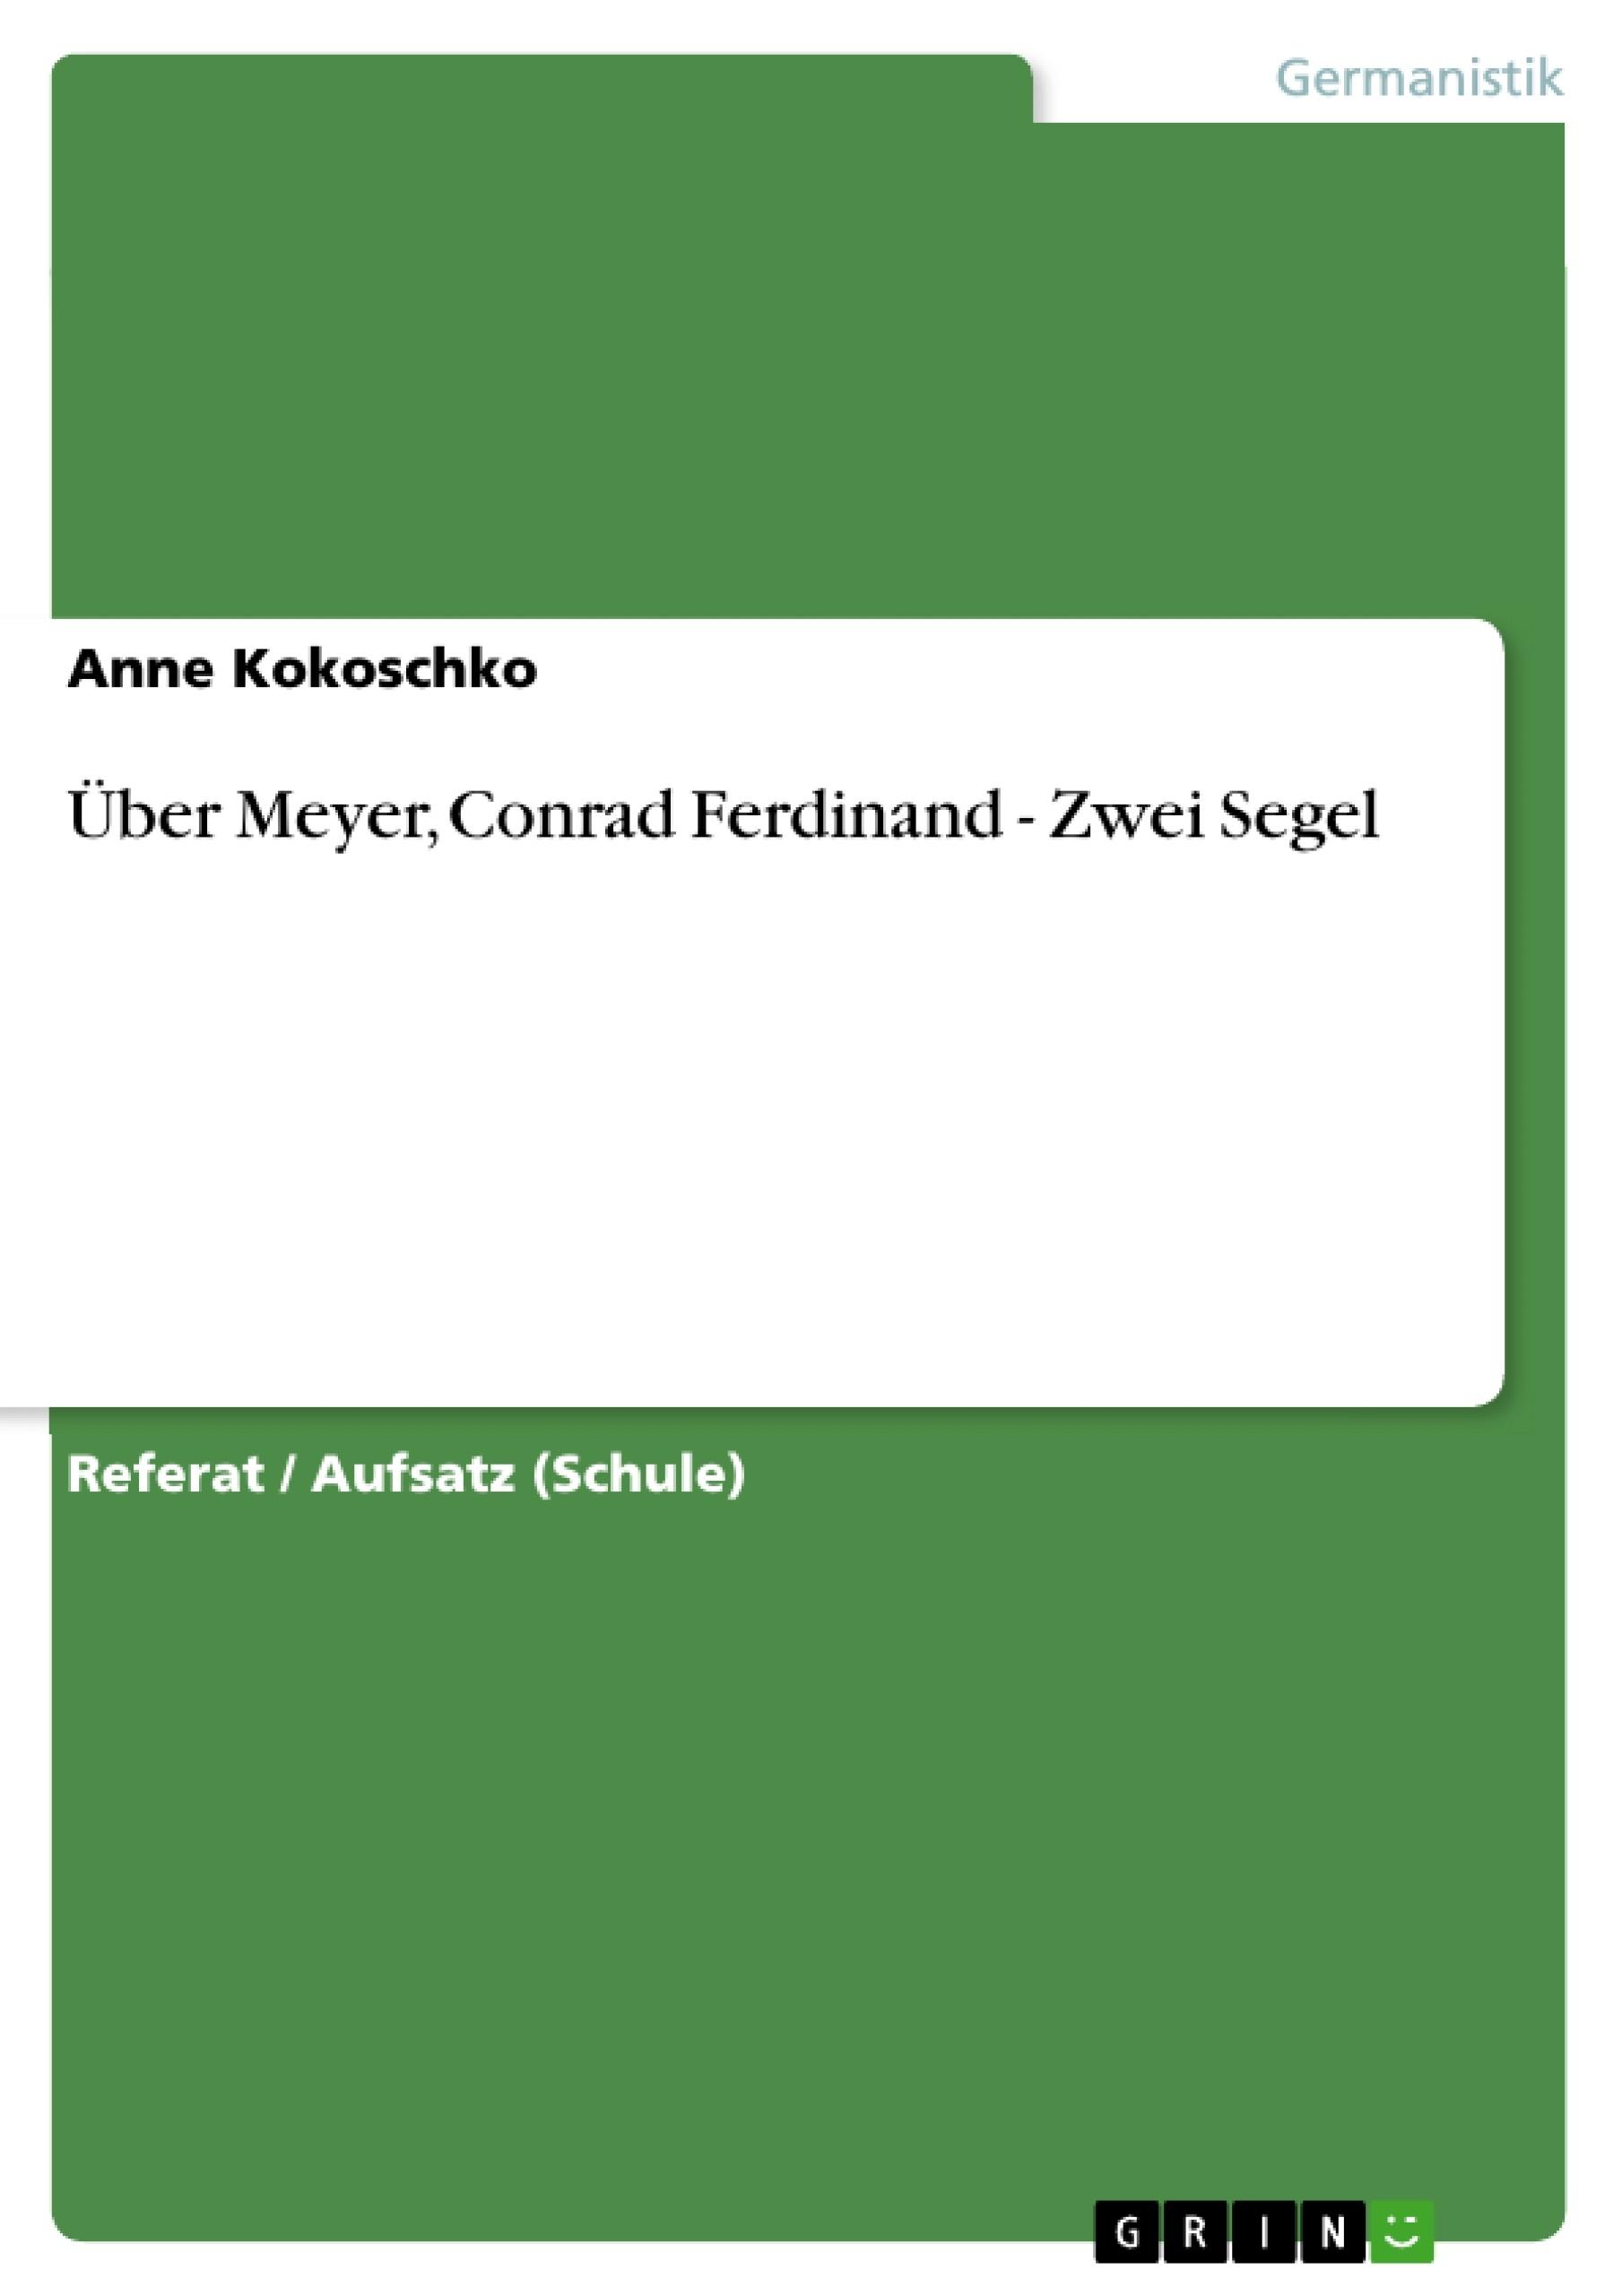 Titel: Über Meyer, Conrad Ferdinand - Zwei Segel